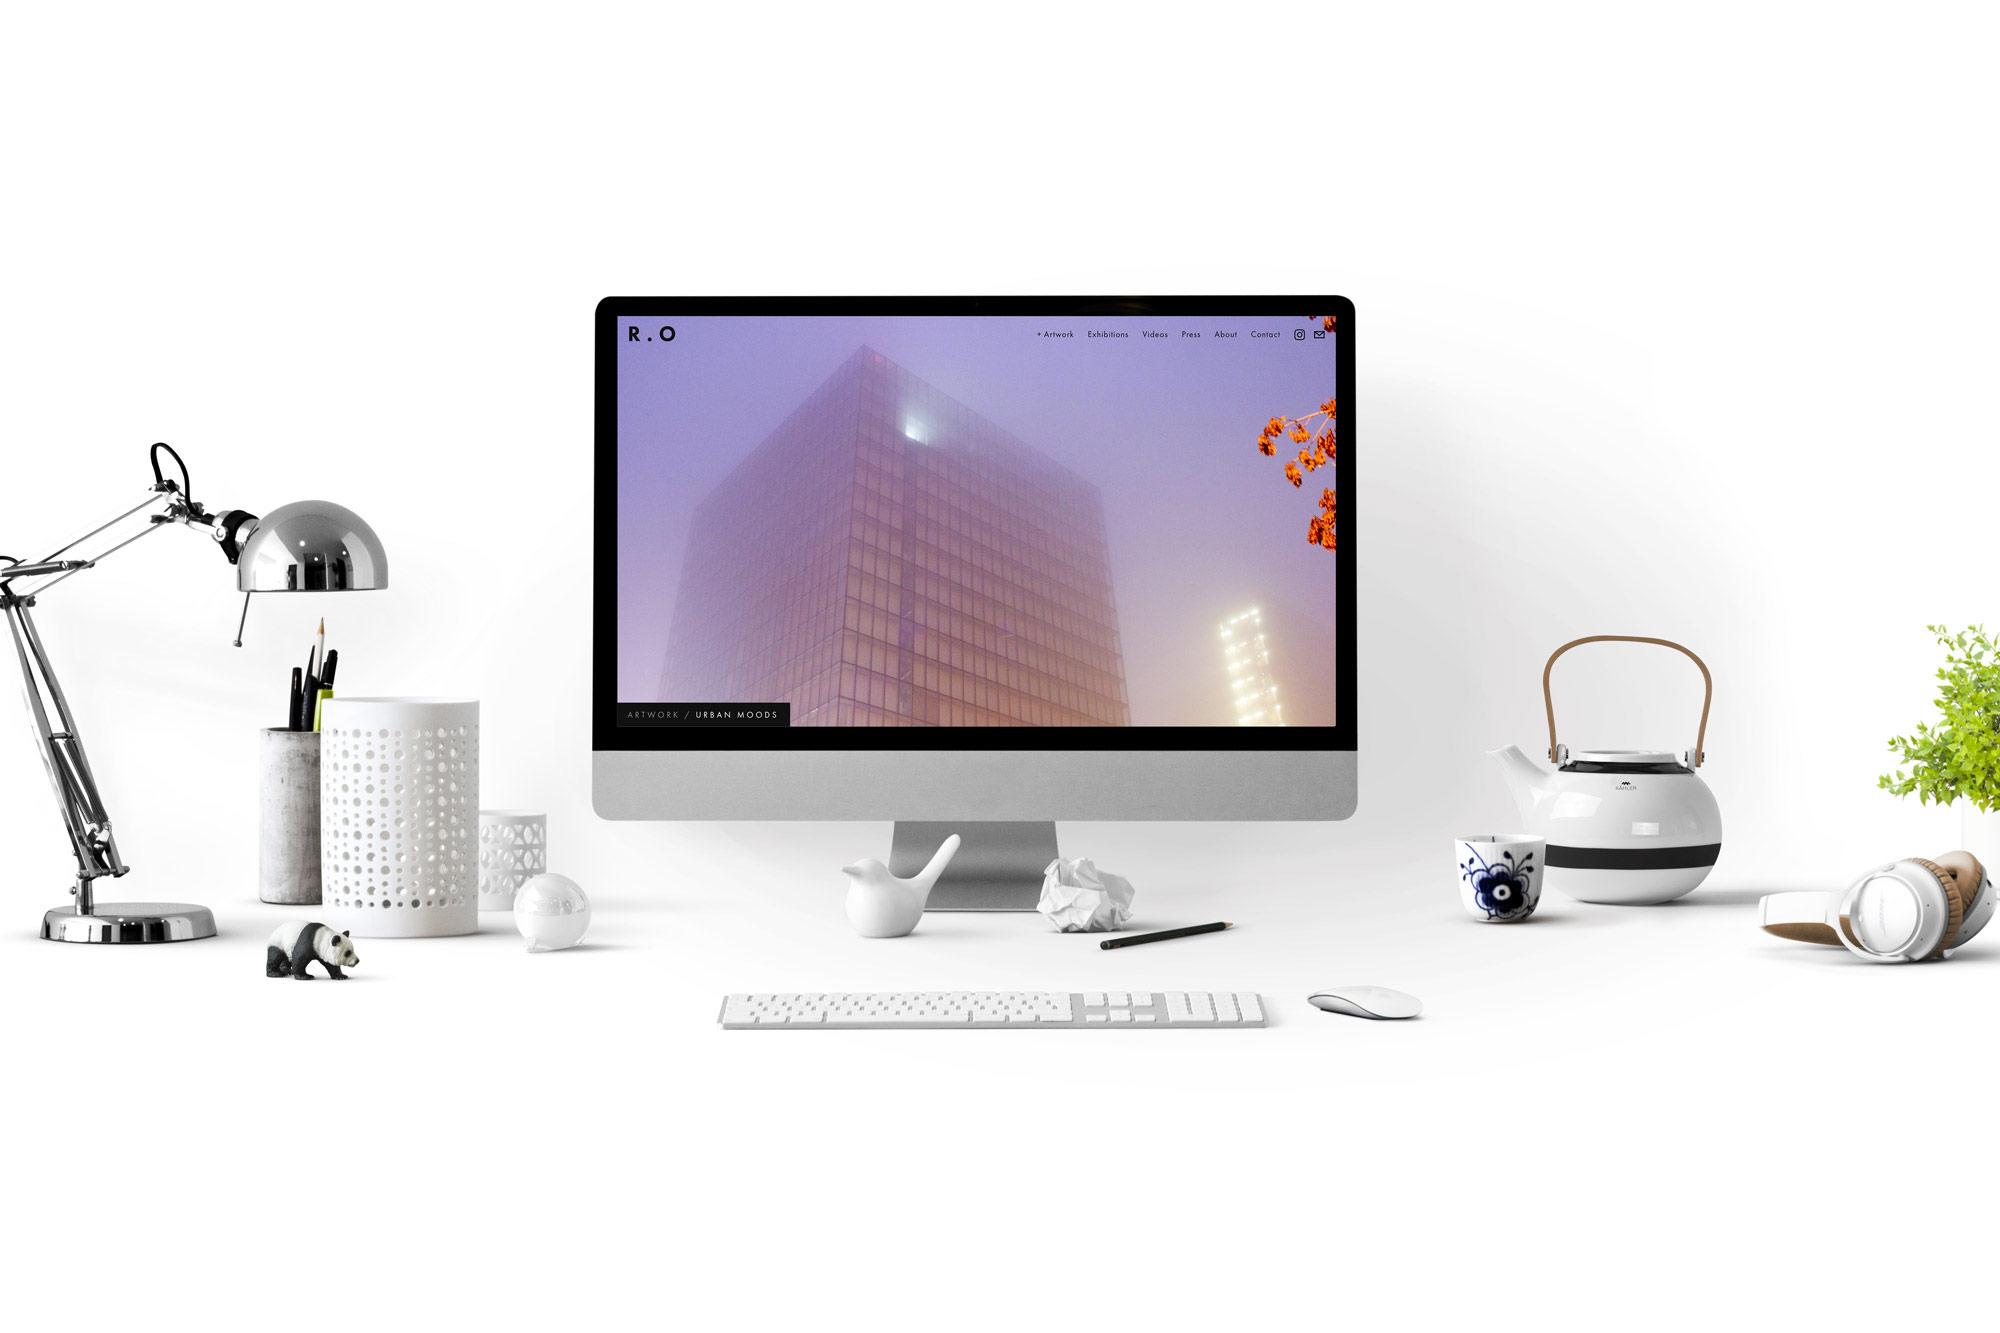 ro-white-screen.jpg